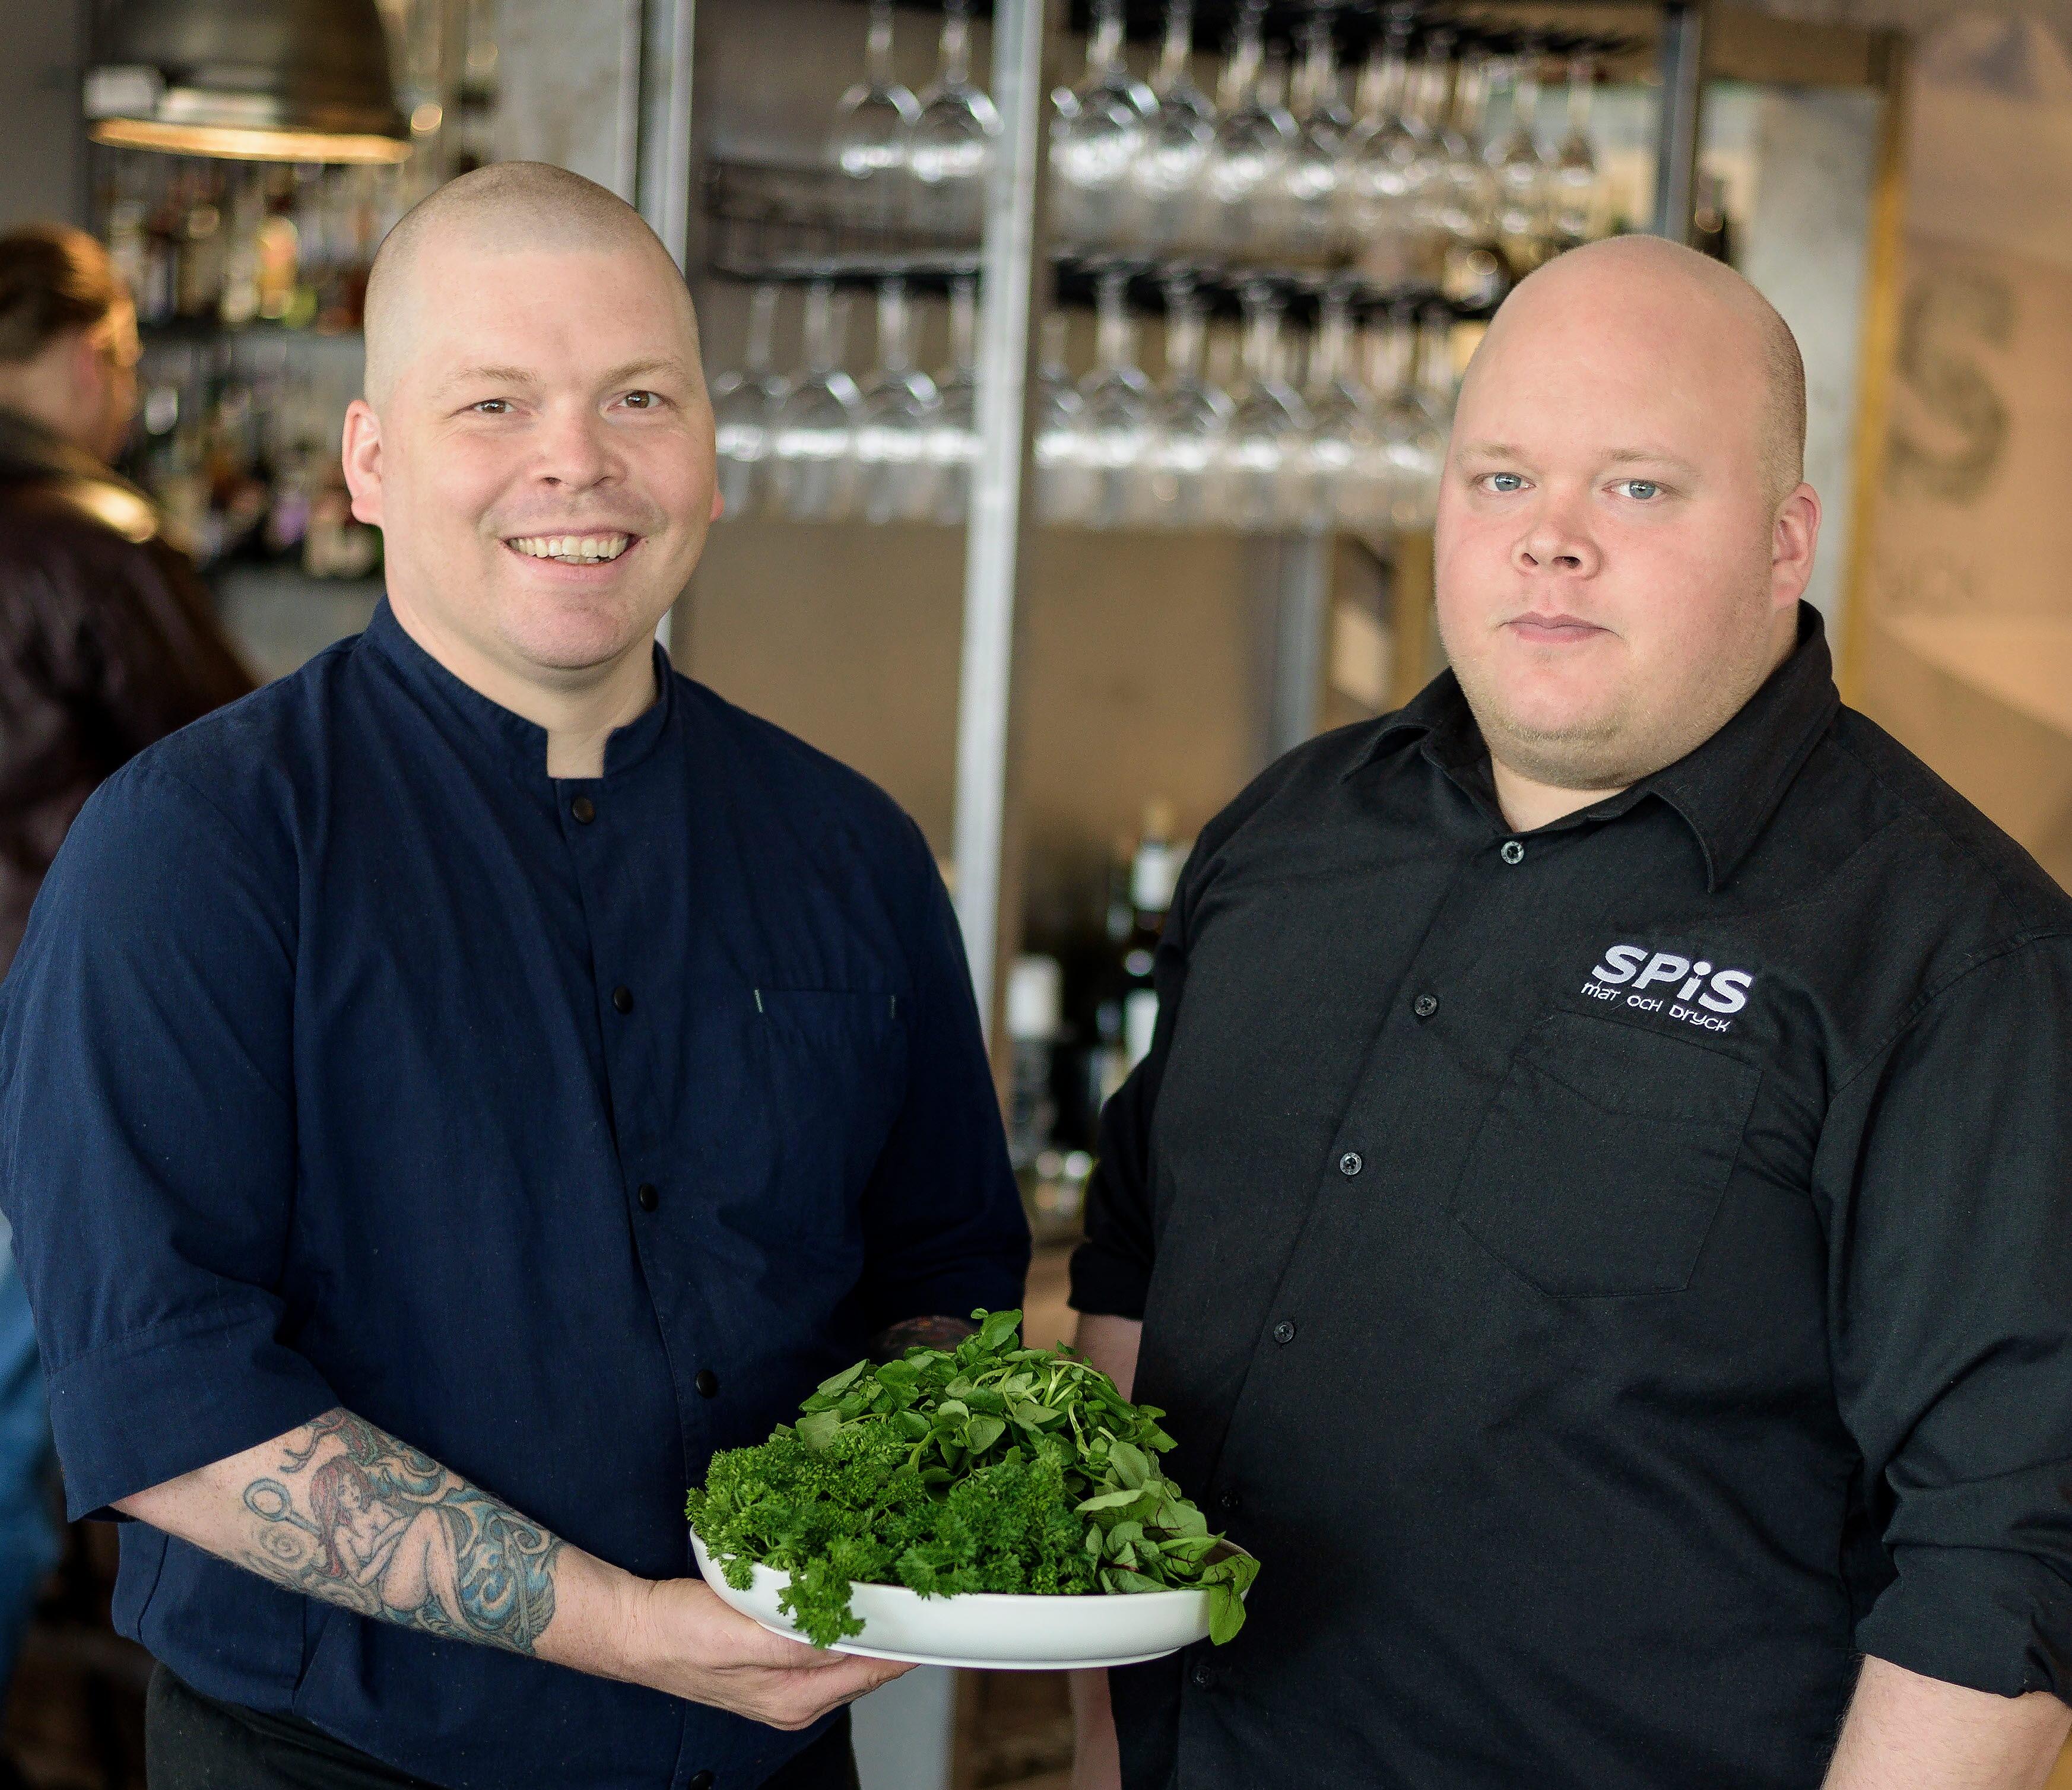 Johan Lans och Johan Stålnacke från restaurangen Spis i Kiruna